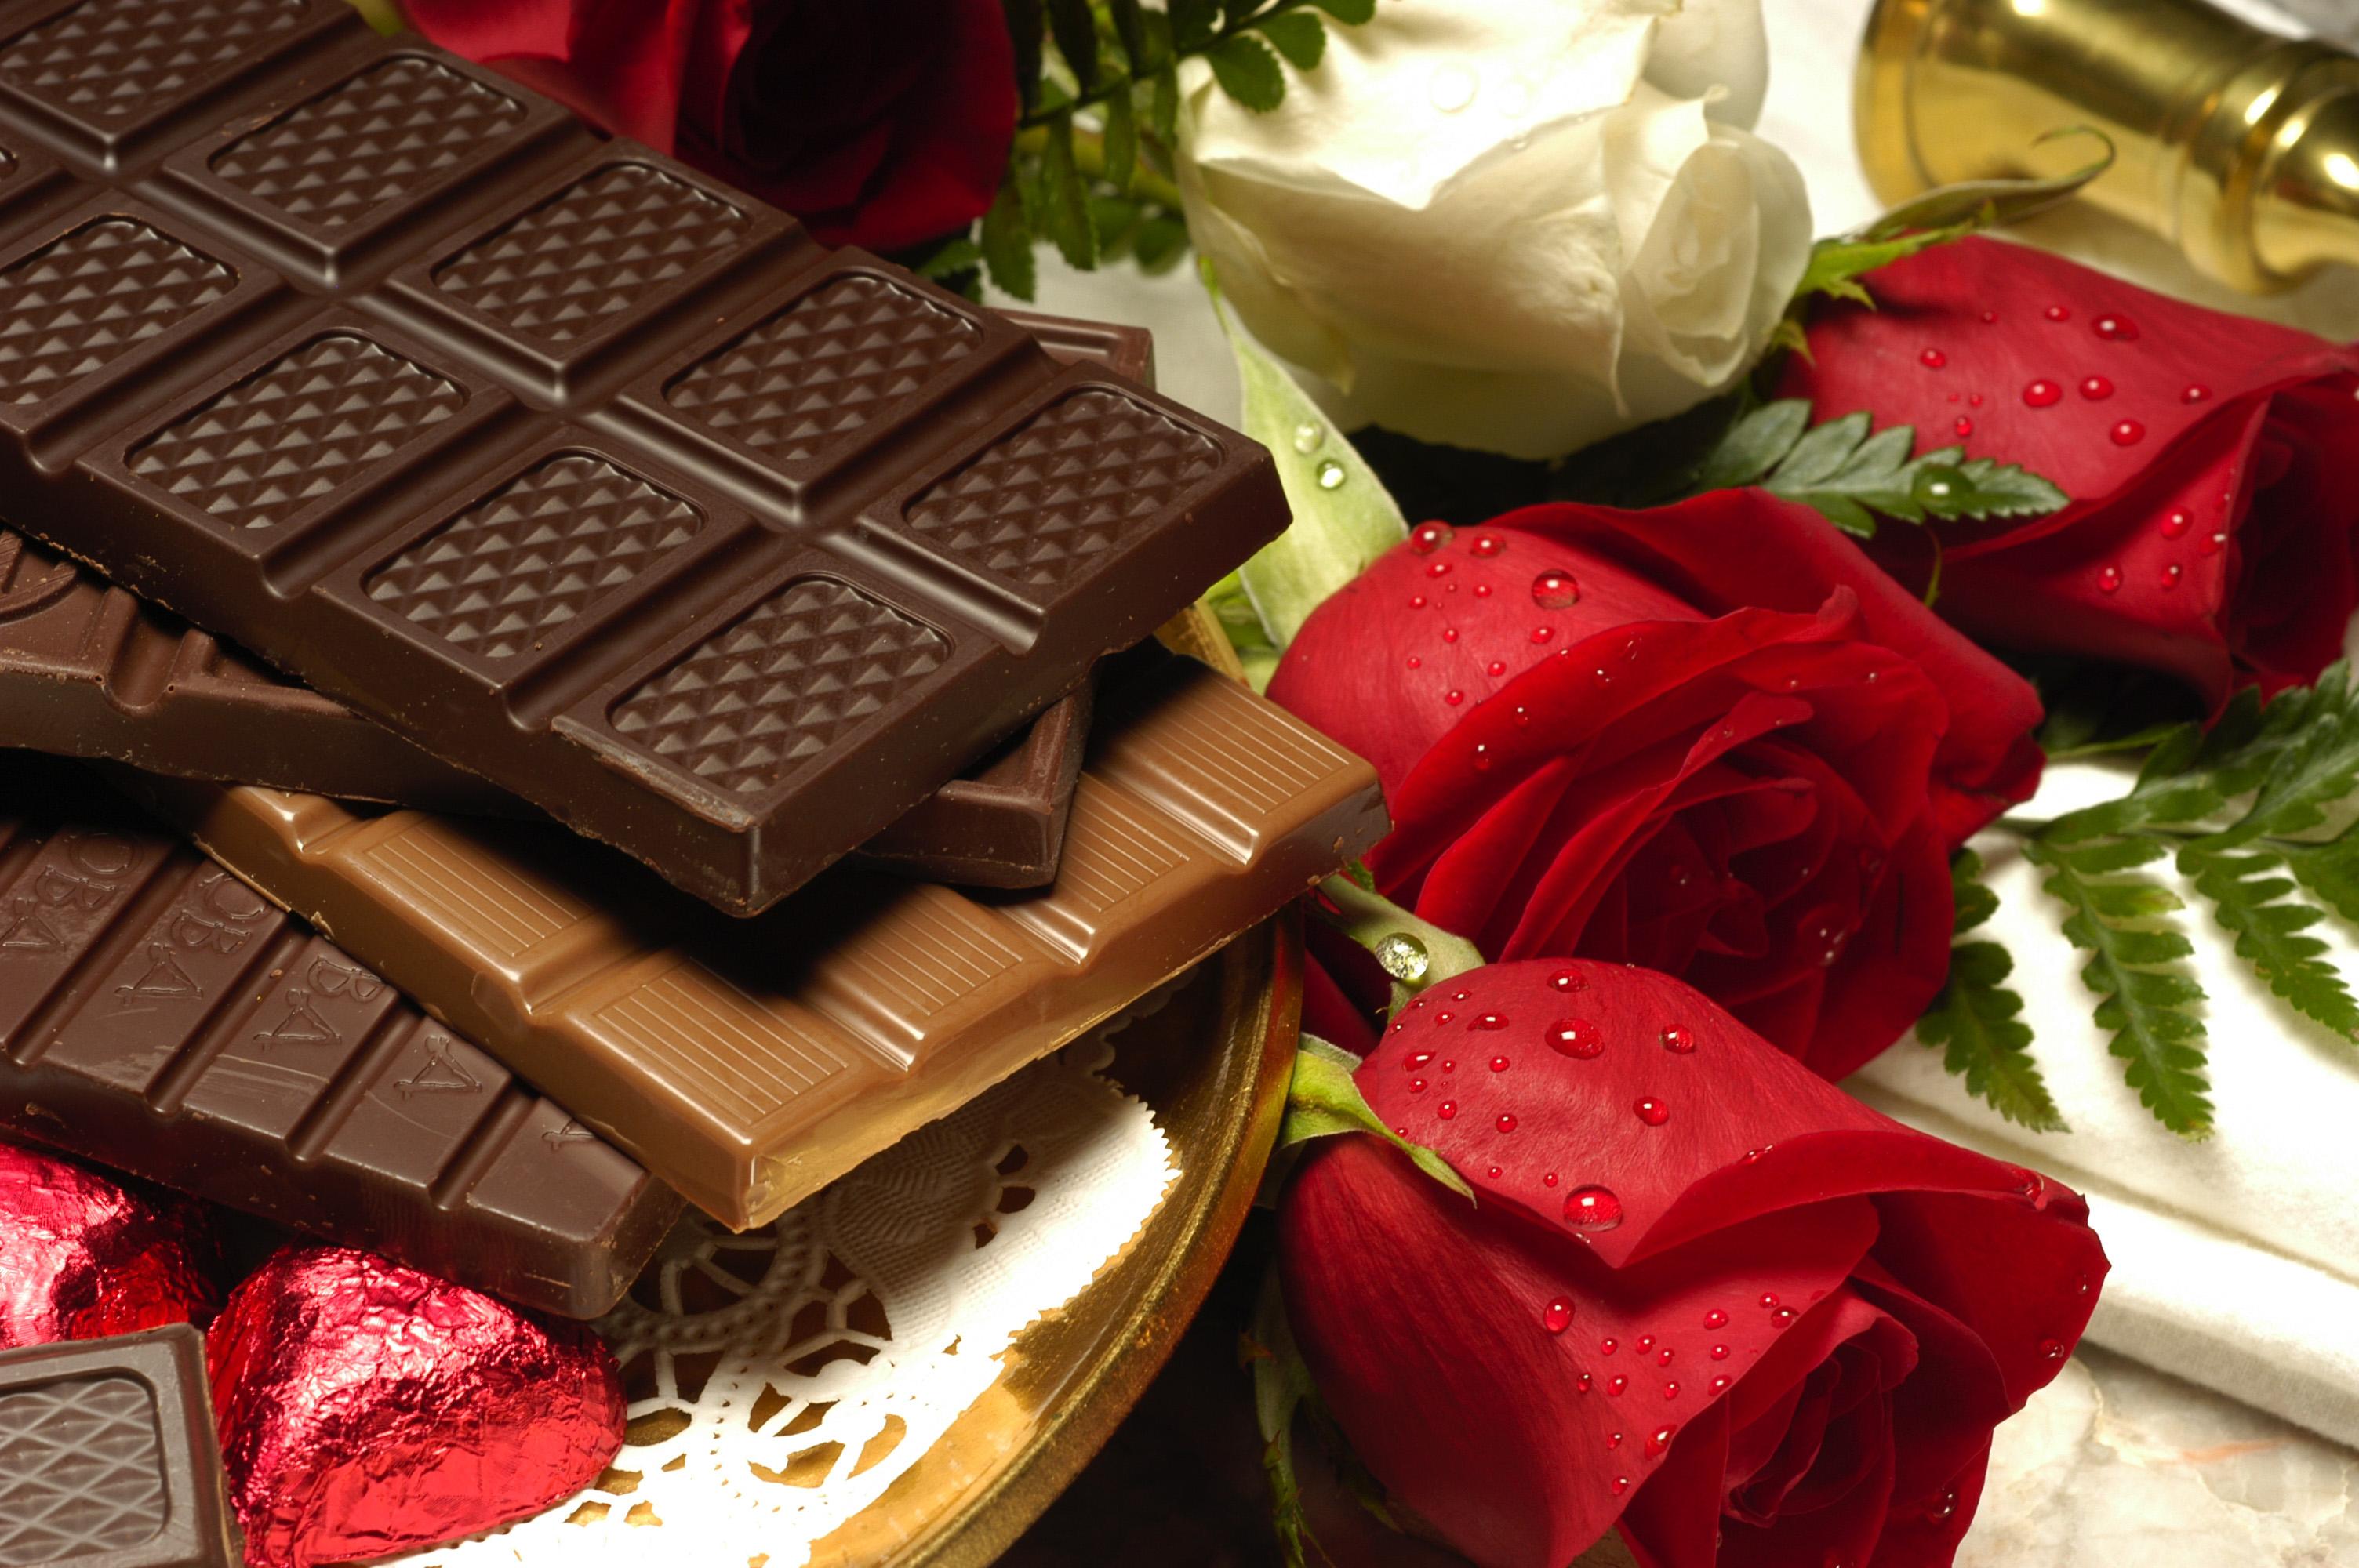 https://i2.wp.com/ctsplace.com/wp-content/uploads/2012/10/chocolate1.jpg